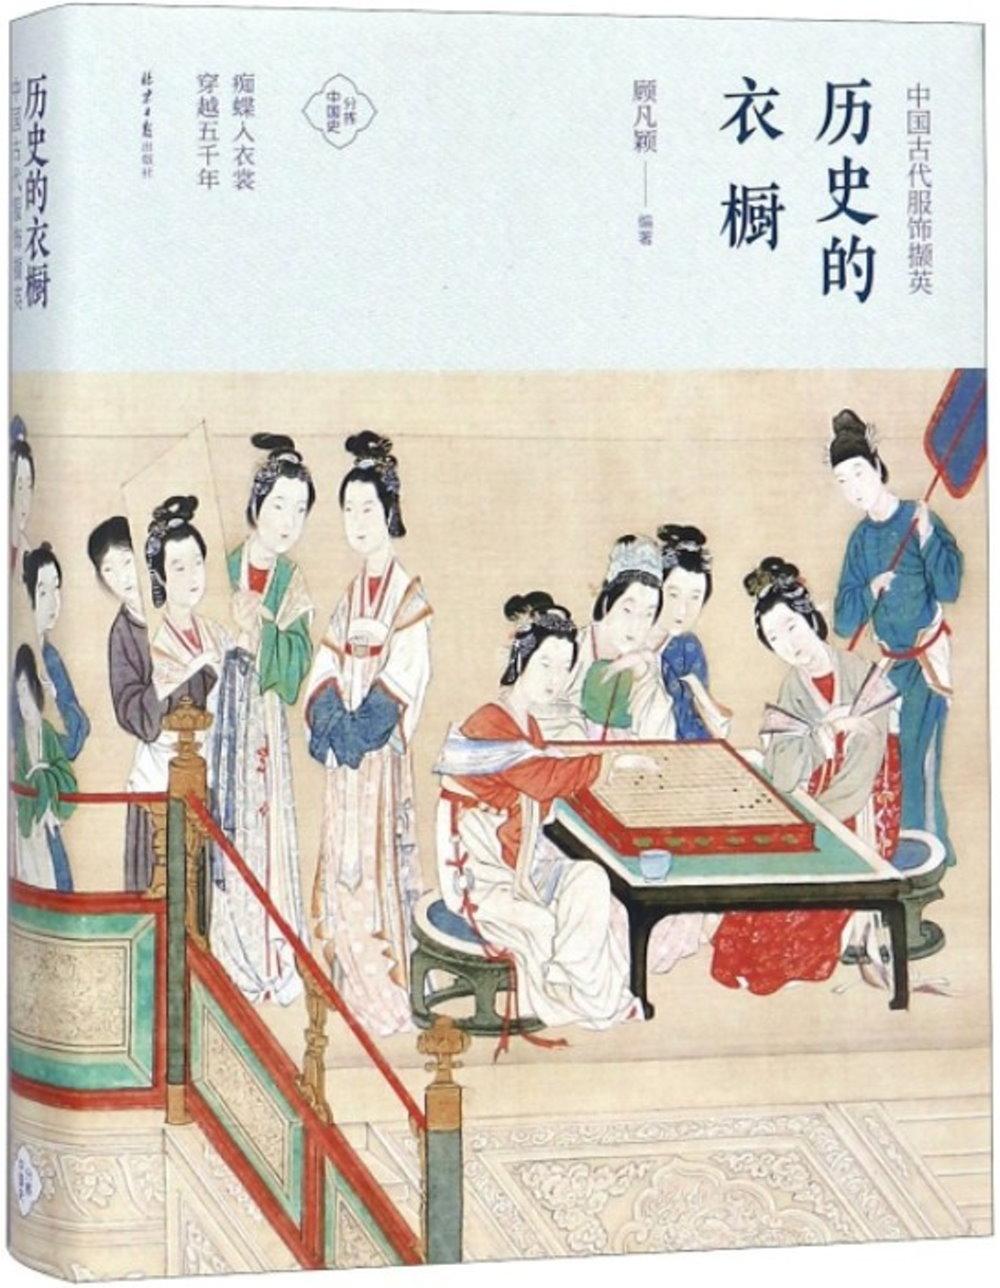 中國古代服飾擷英:歷史的衣櫥